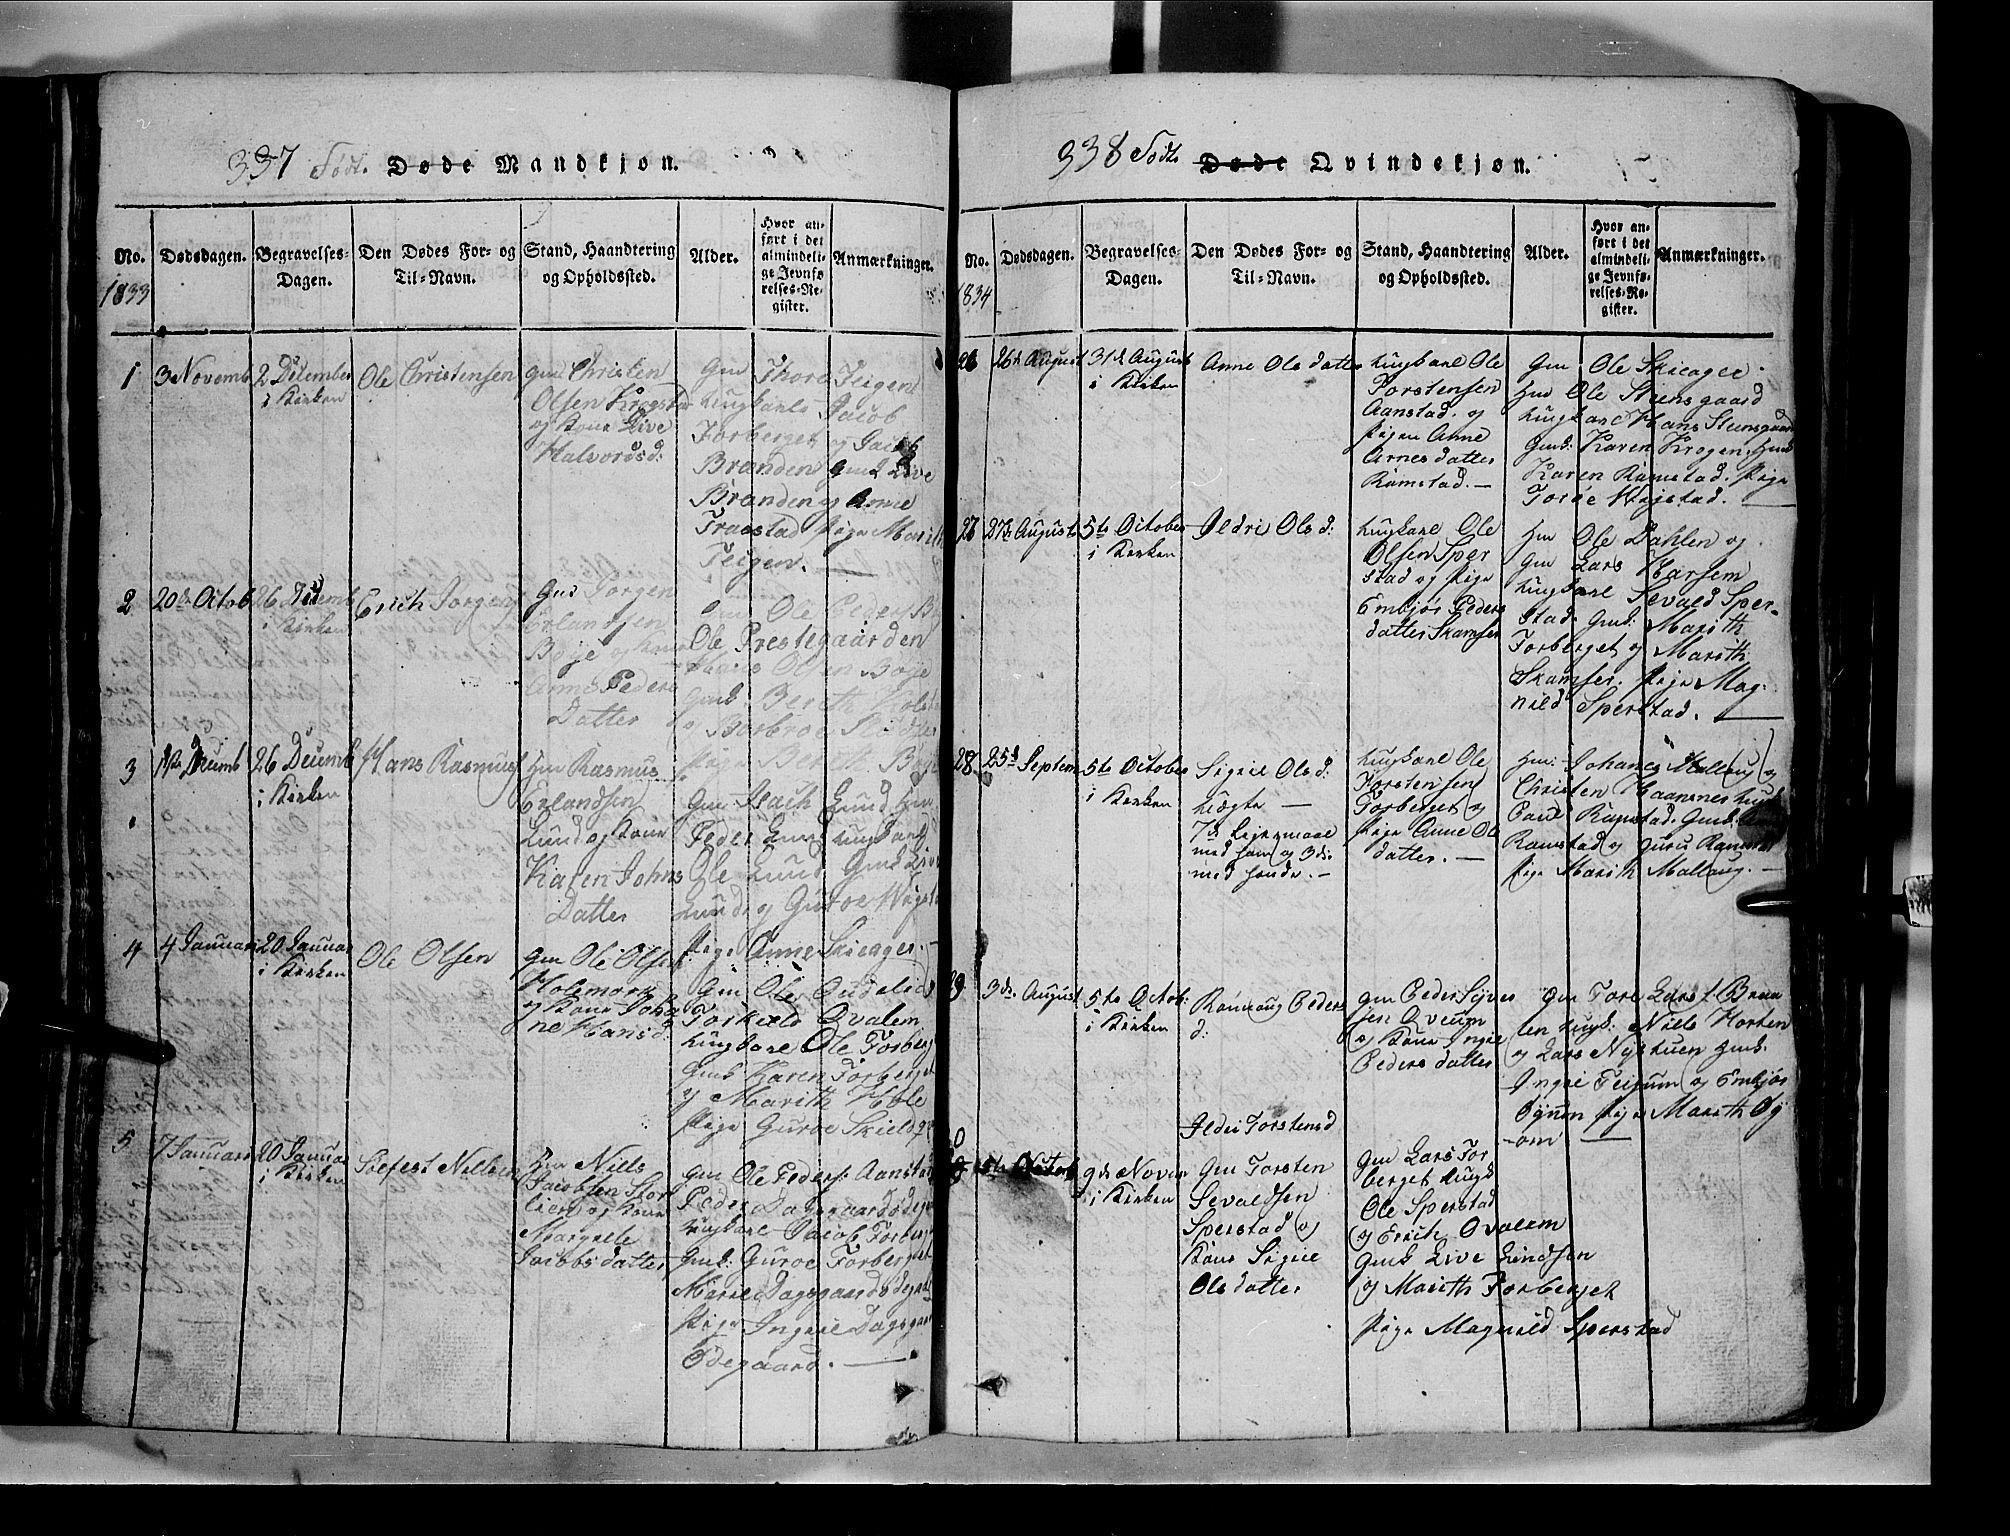 SAH, Lom prestekontor, L/L0003: Klokkerbok nr. 3, 1815-1844, s. 337-338